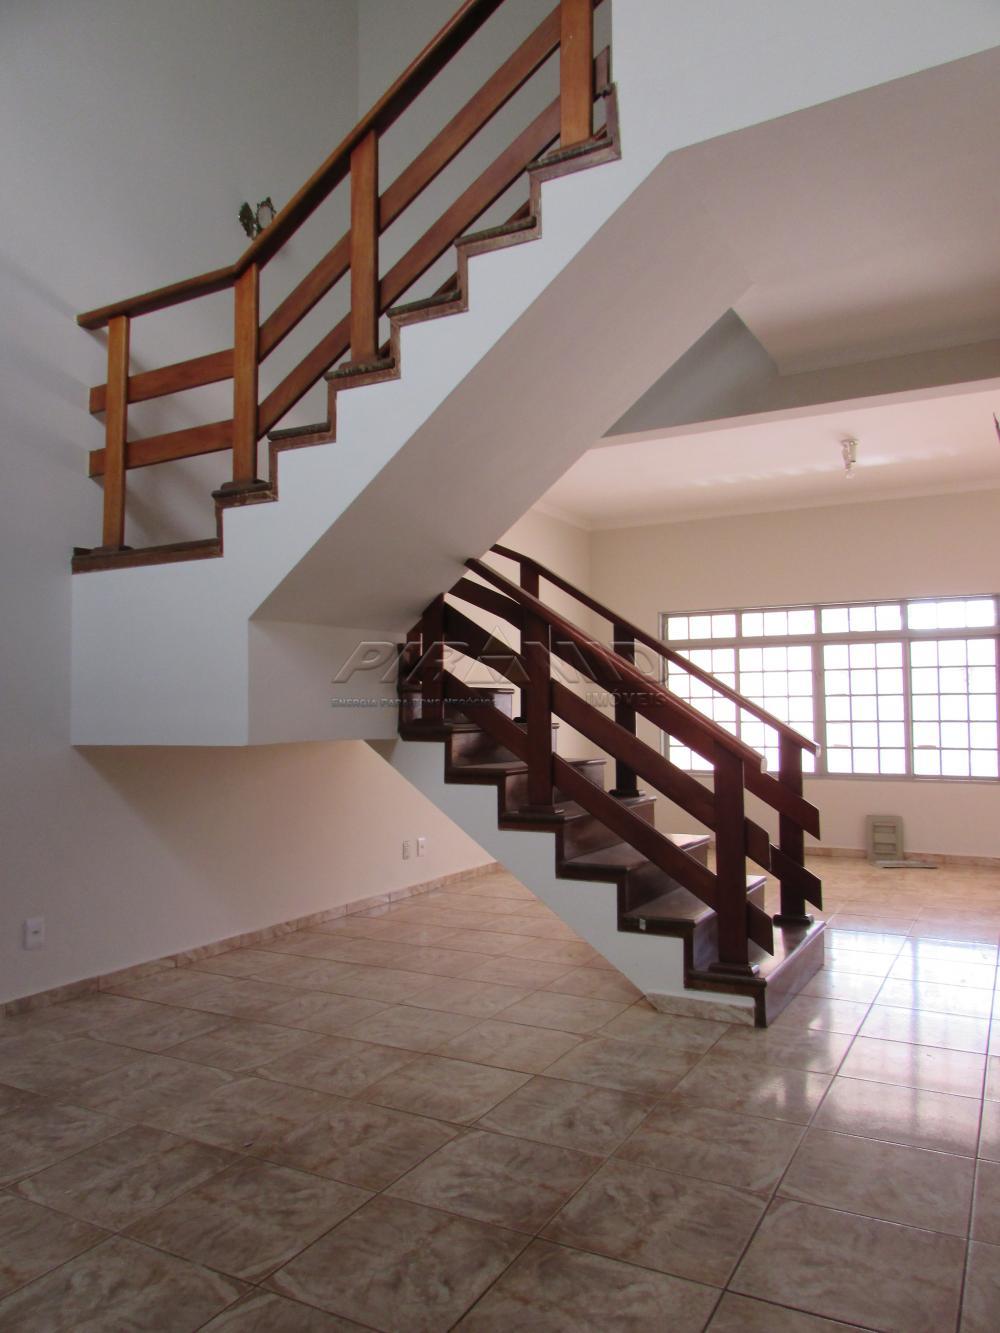 Alugar Casa / Padrão em Ribeirão Preto apenas R$ 3.000,00 - Foto 13